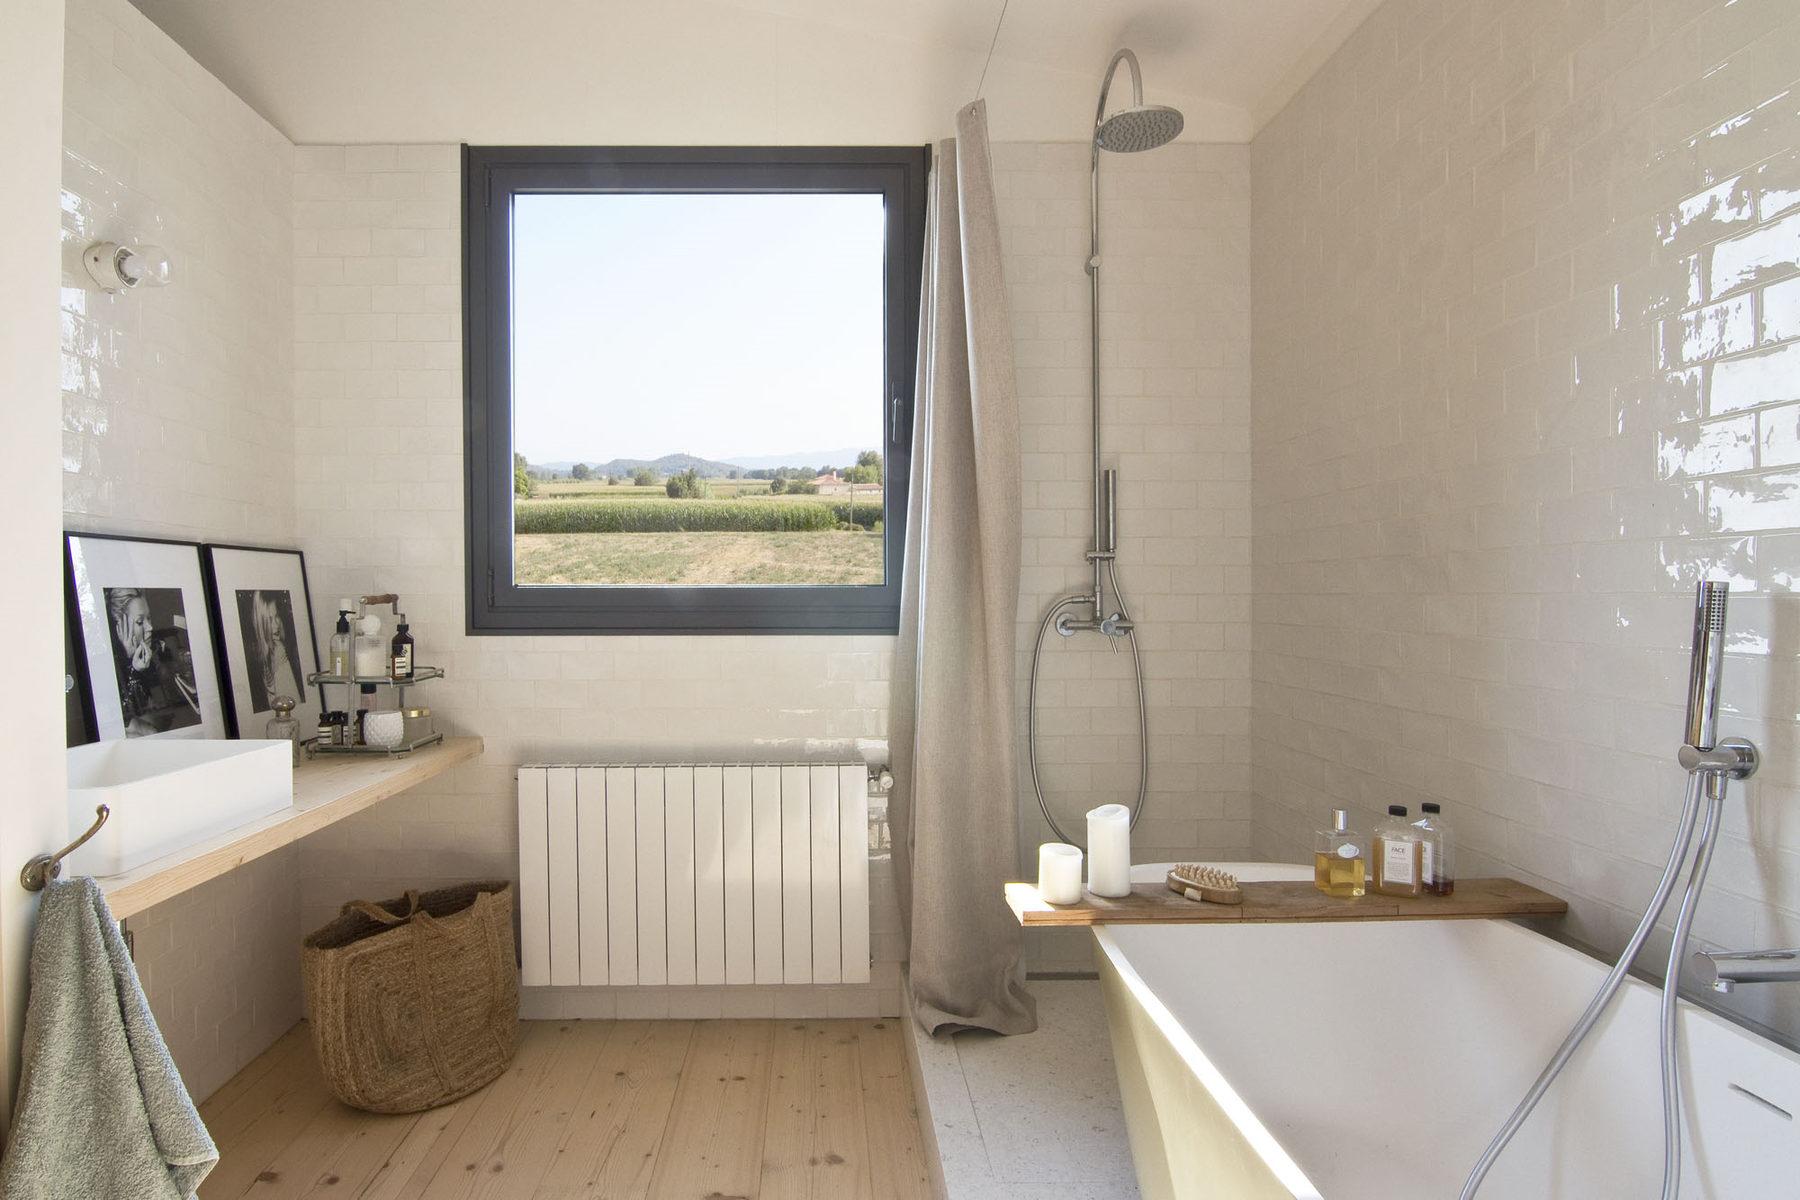 Casa de campo en fonolleres espacio en blanco - Espacio en blanco ...